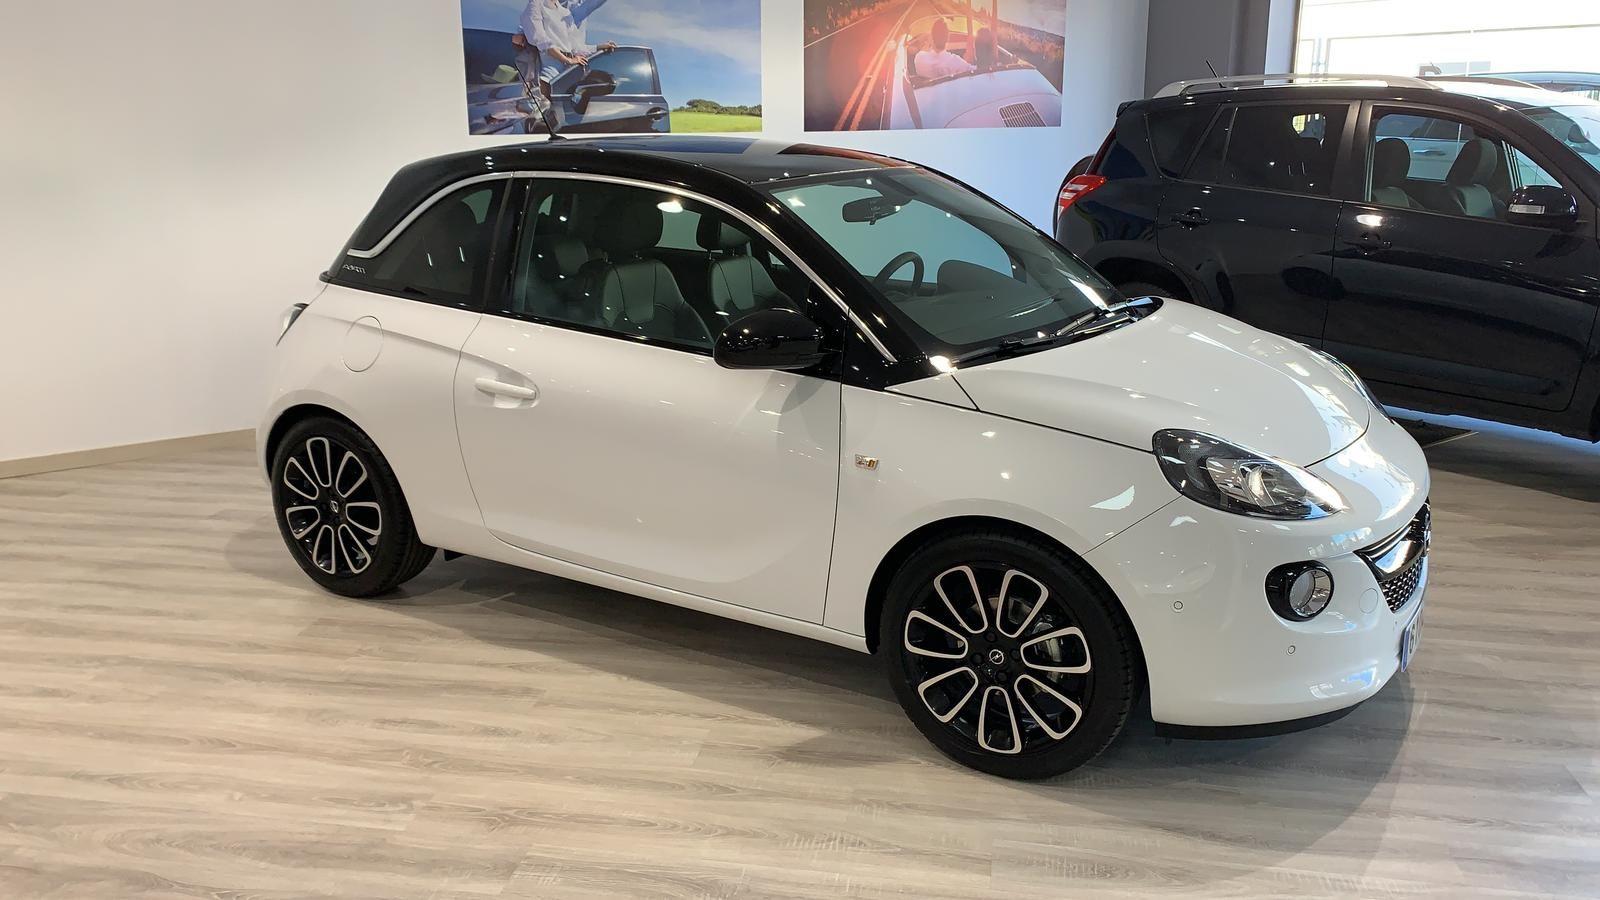 Opel Adam Glam 1.4 100cv Gasolina de KM0 por 12900€*